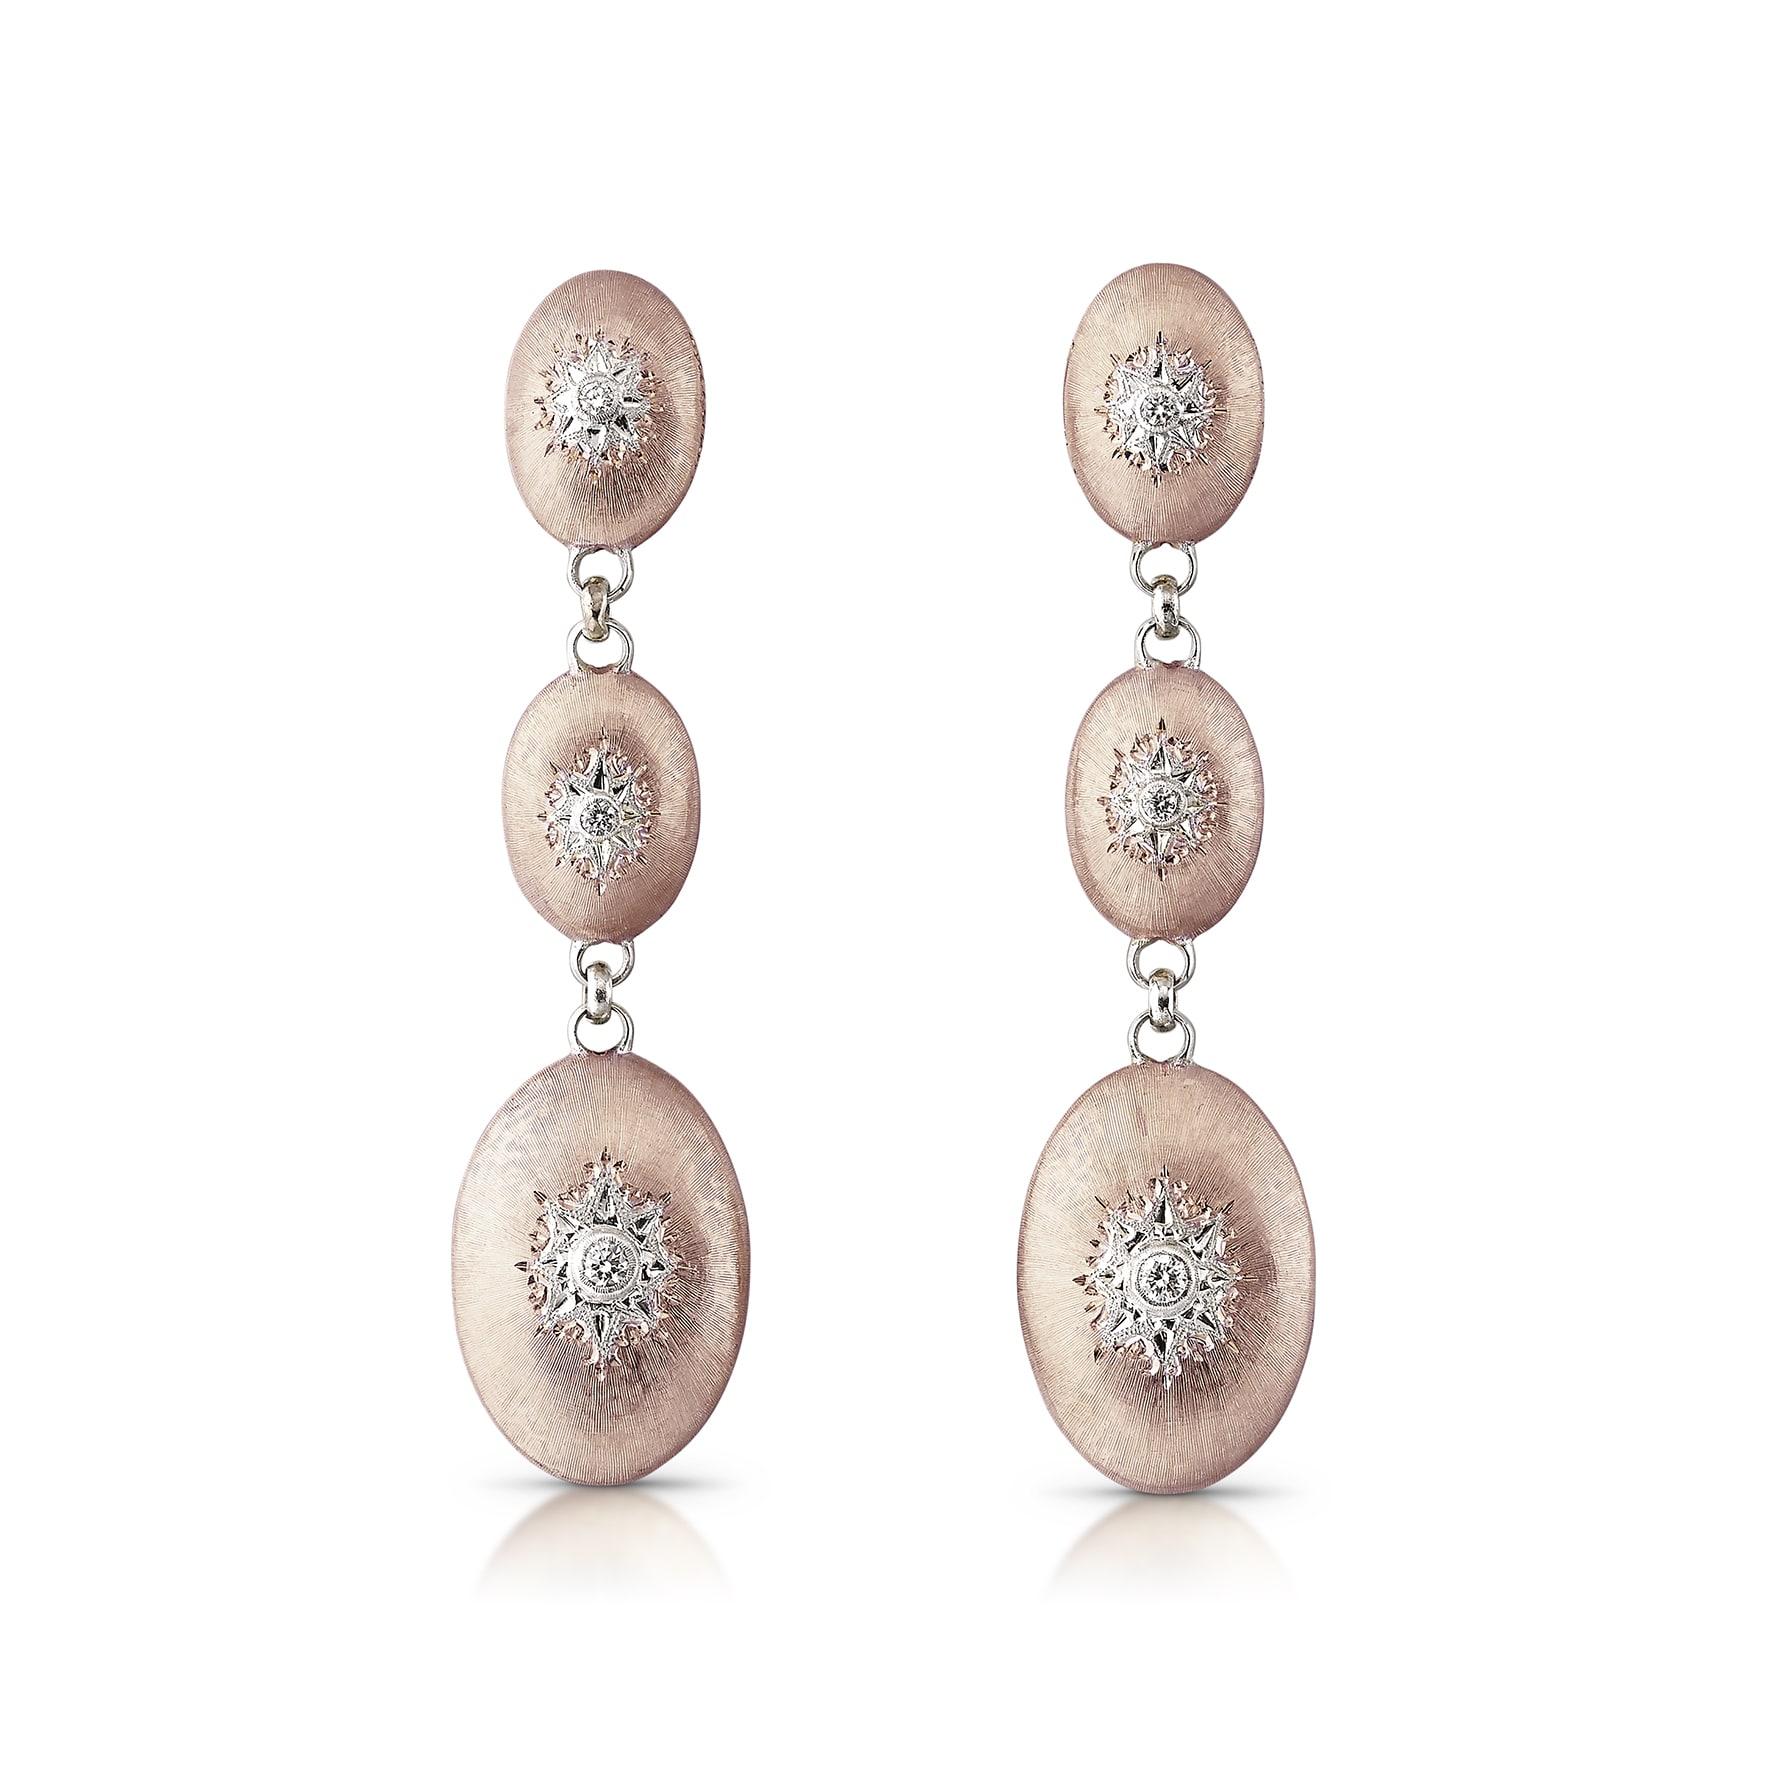 Orecchini con tre elementi ovali in oro rosa, ciascuno con diamante incastonato al centro, BUCCELLATI (7.100 €).